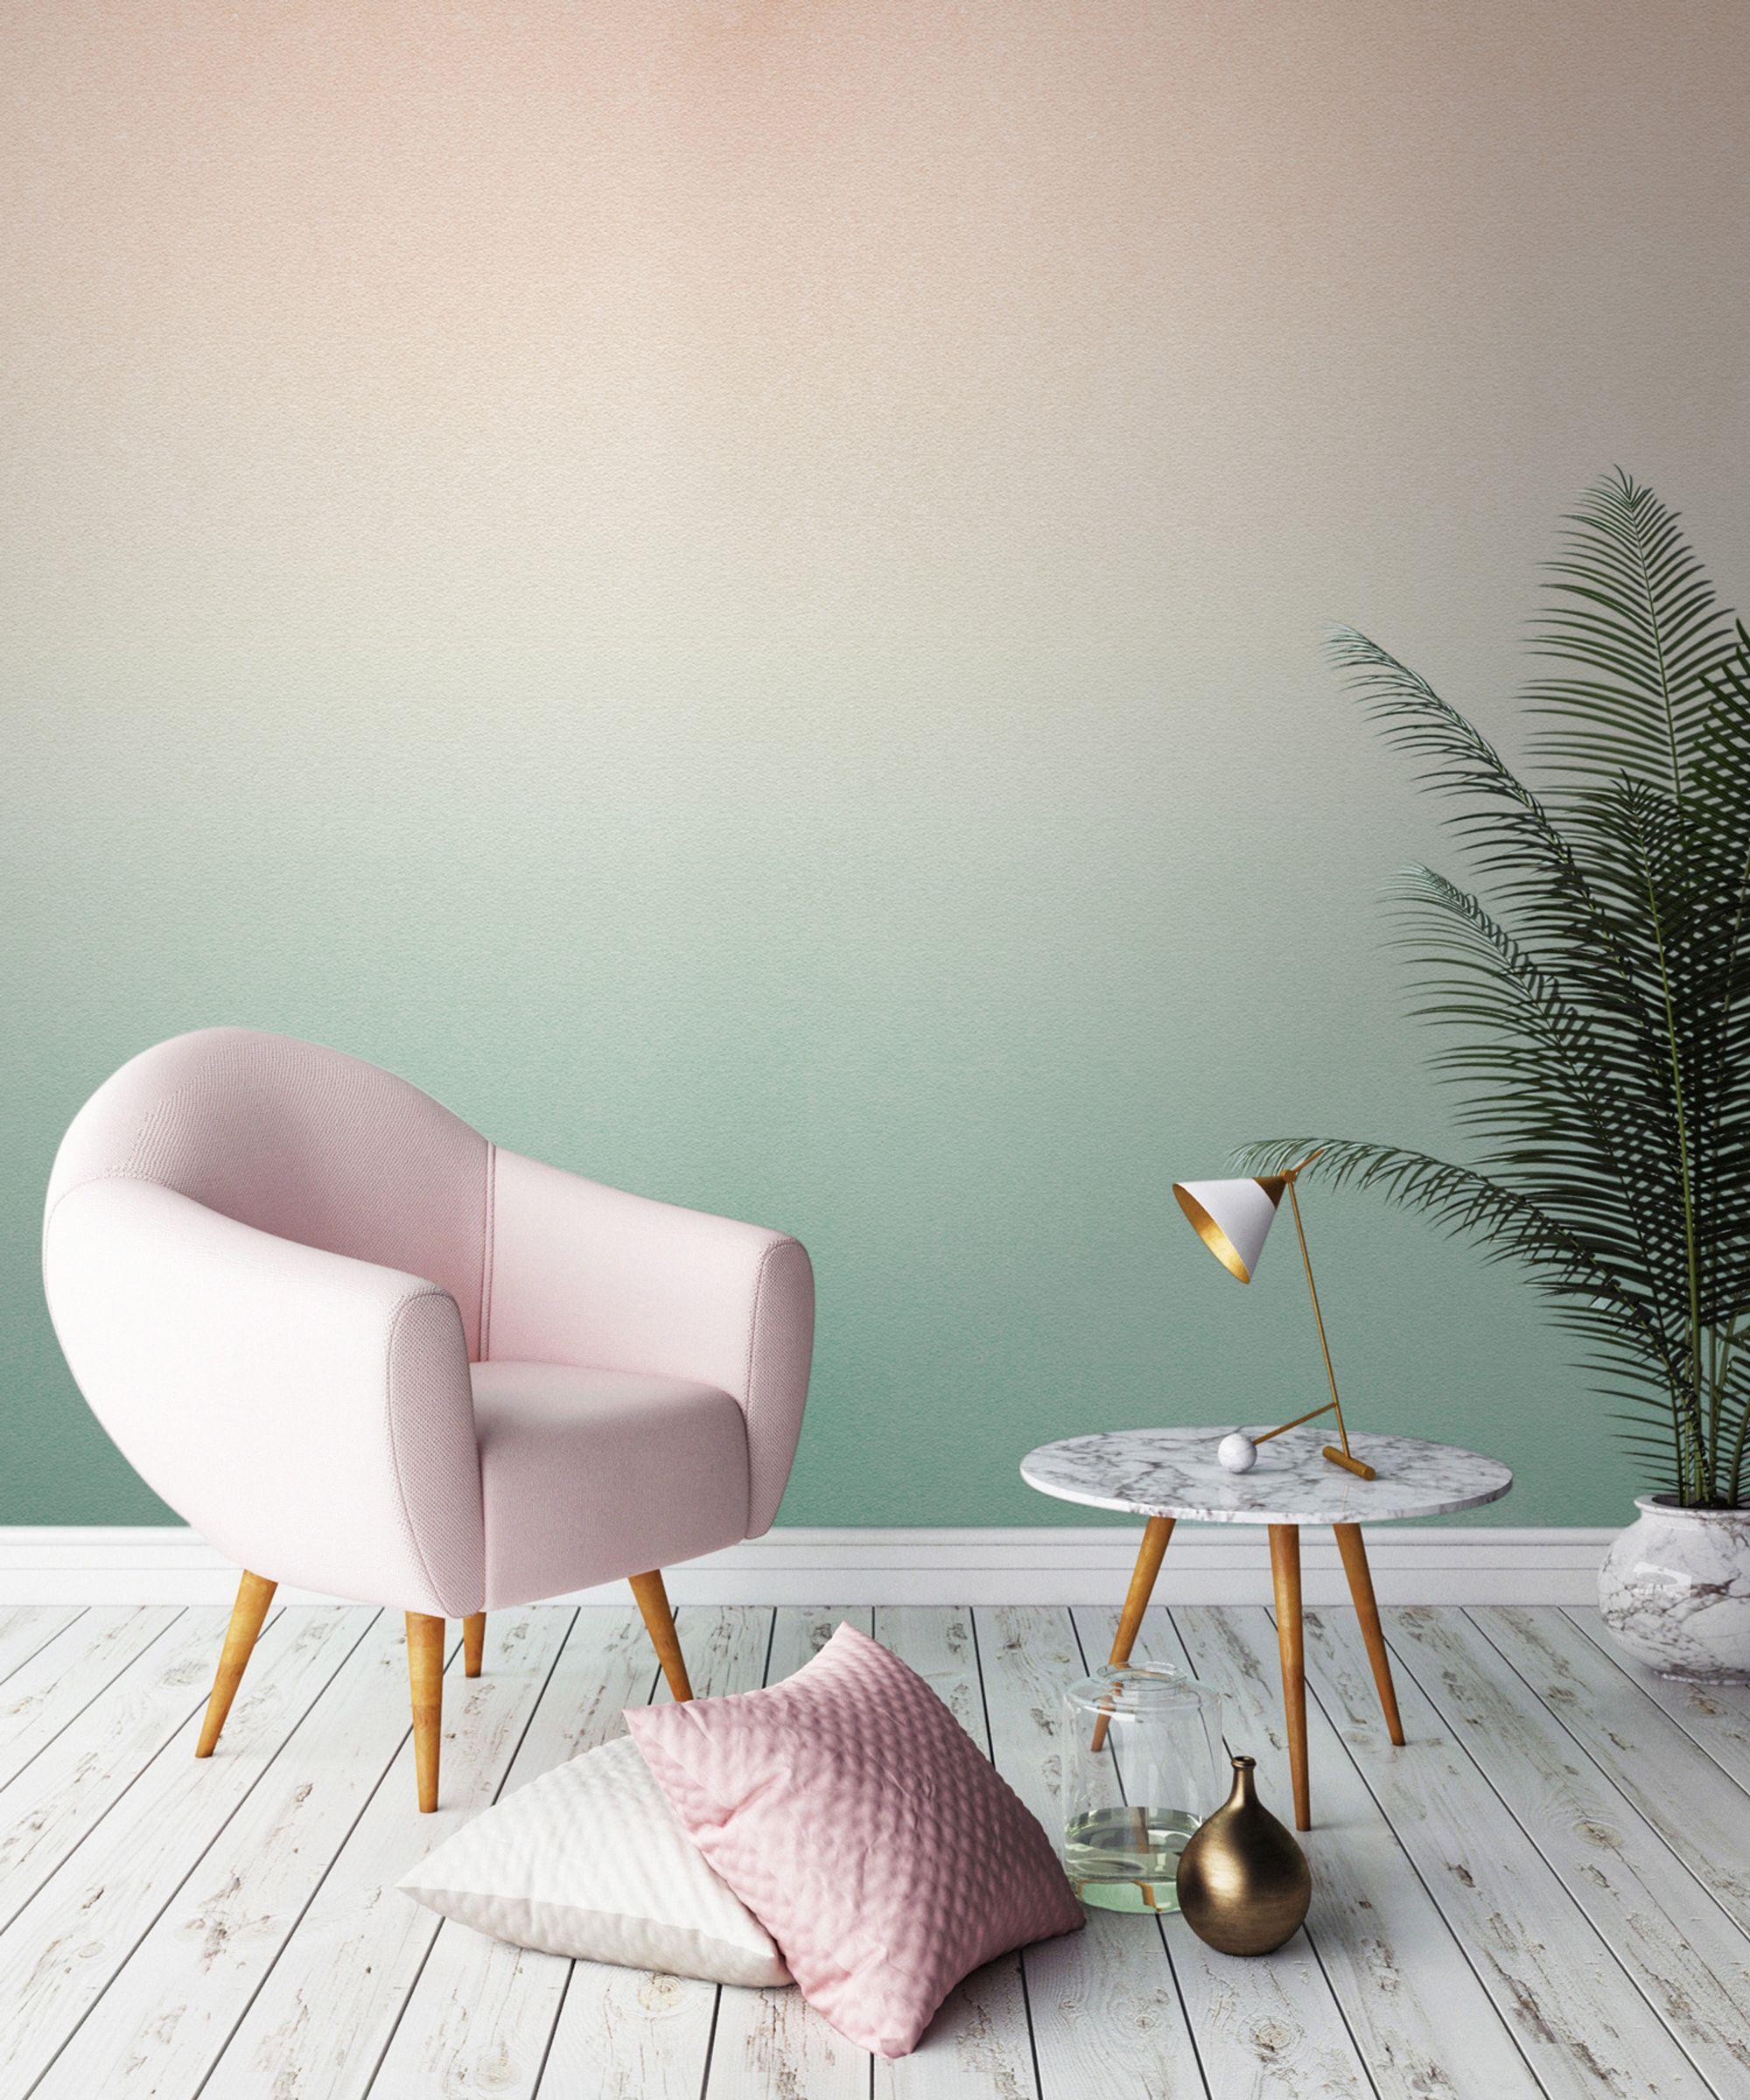 Attraktiv 15 Farbenfrohe Interior Tipps Gegen Den Winterblues. Wohnung EinrichtenNeue  ...